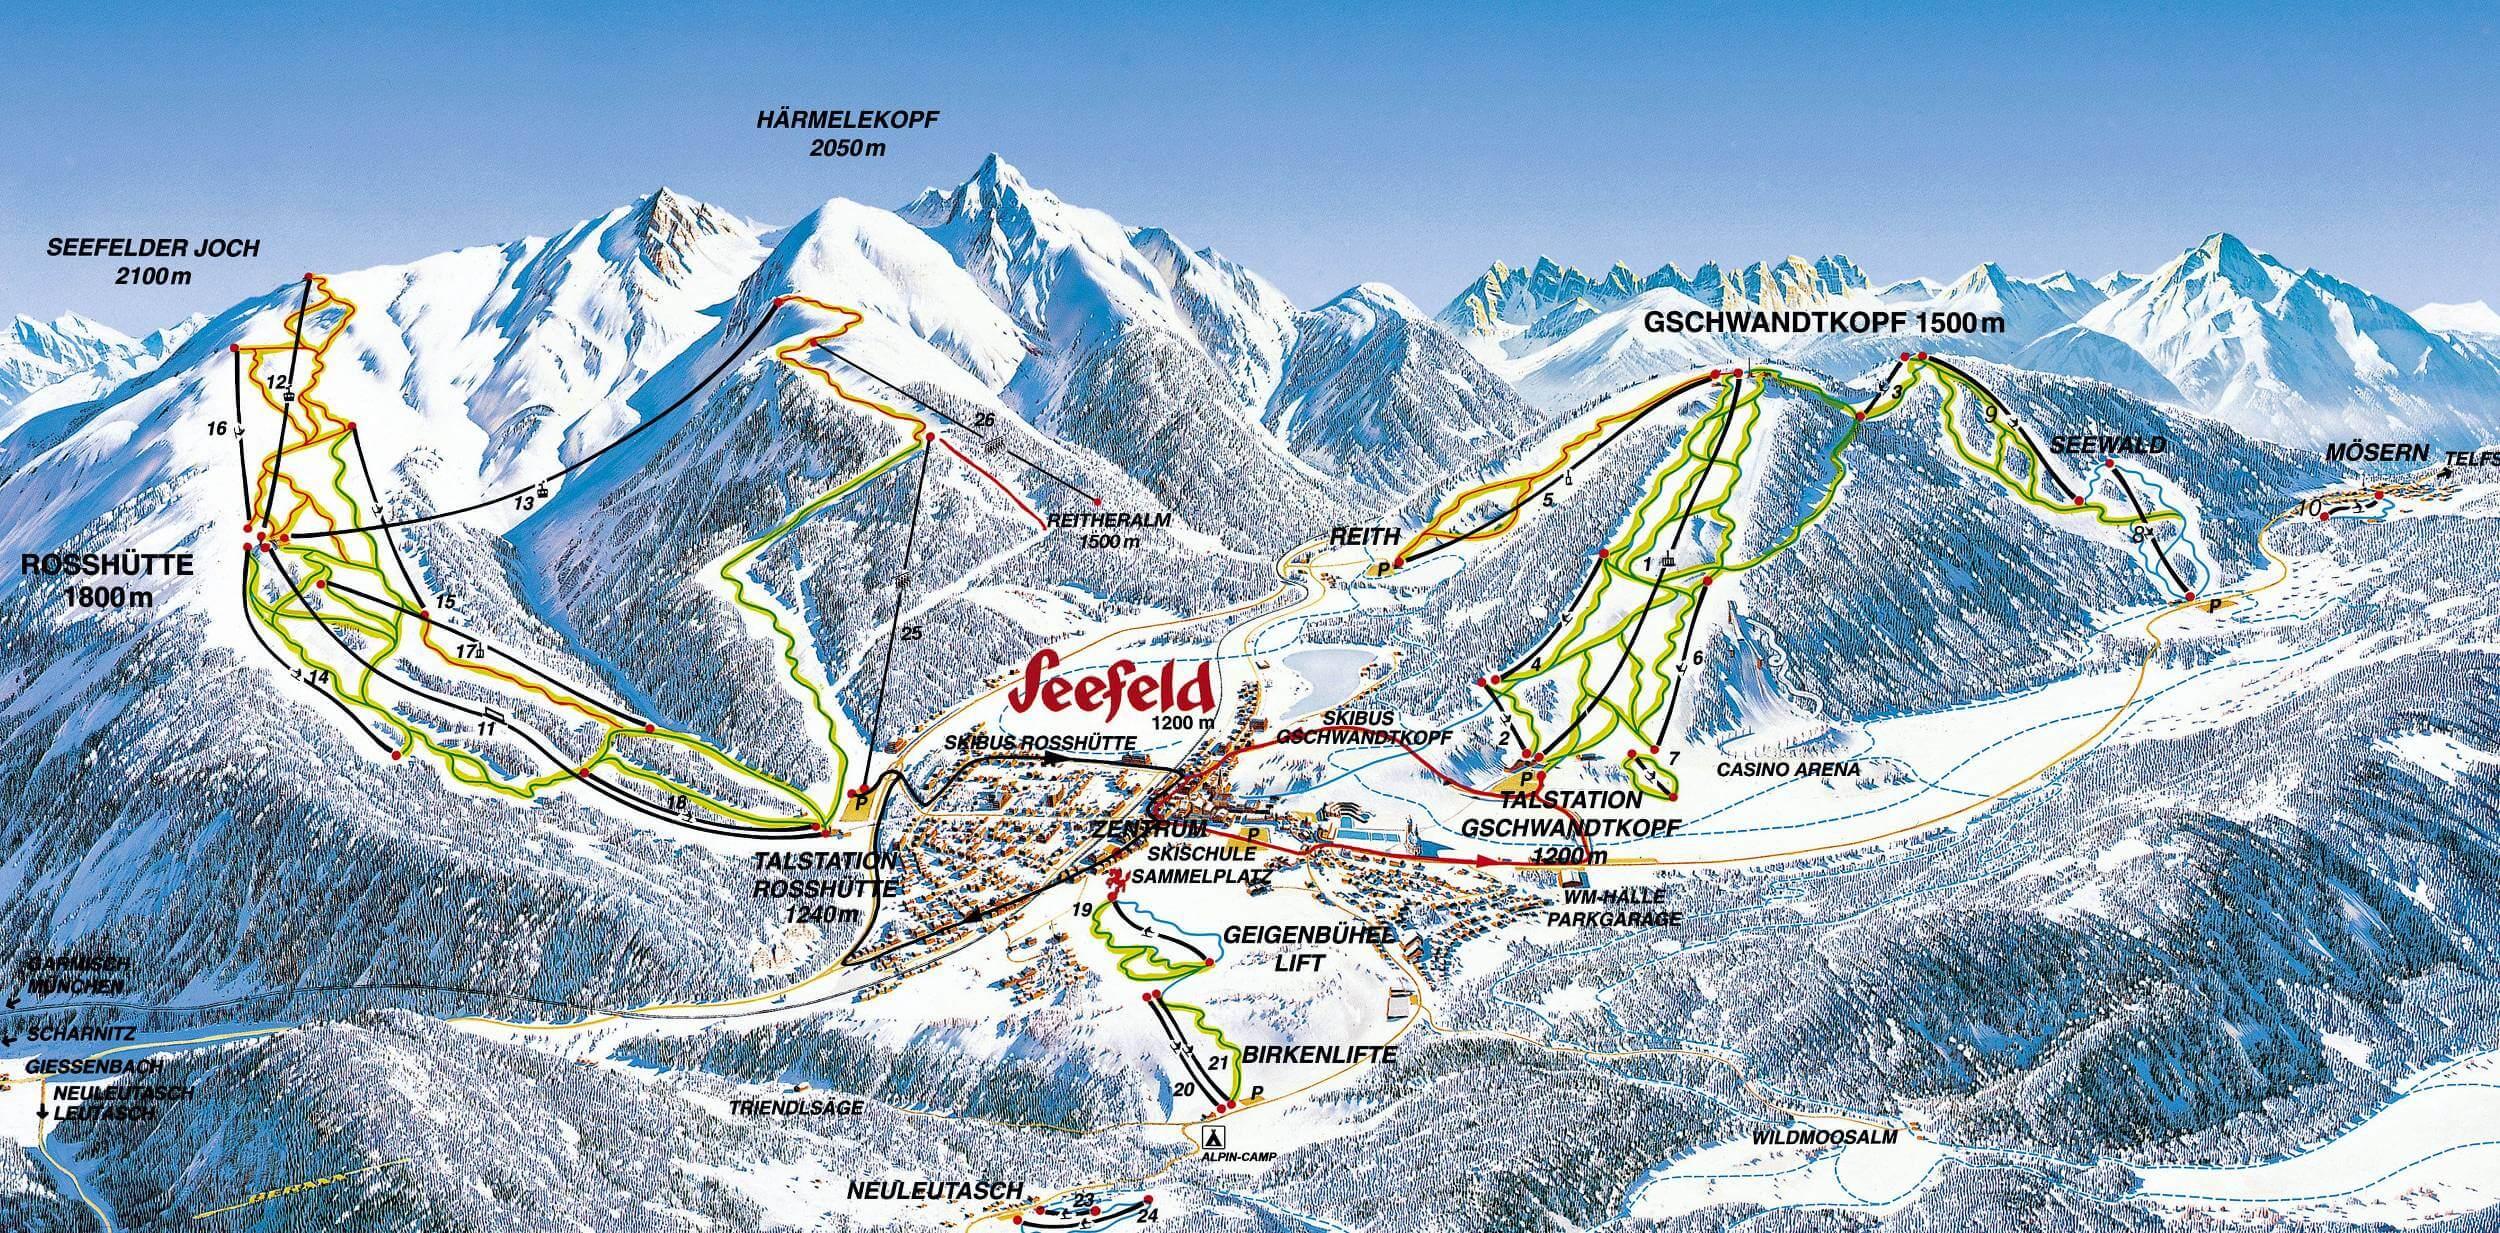 Карта горнолыжных трасс Зеефельд